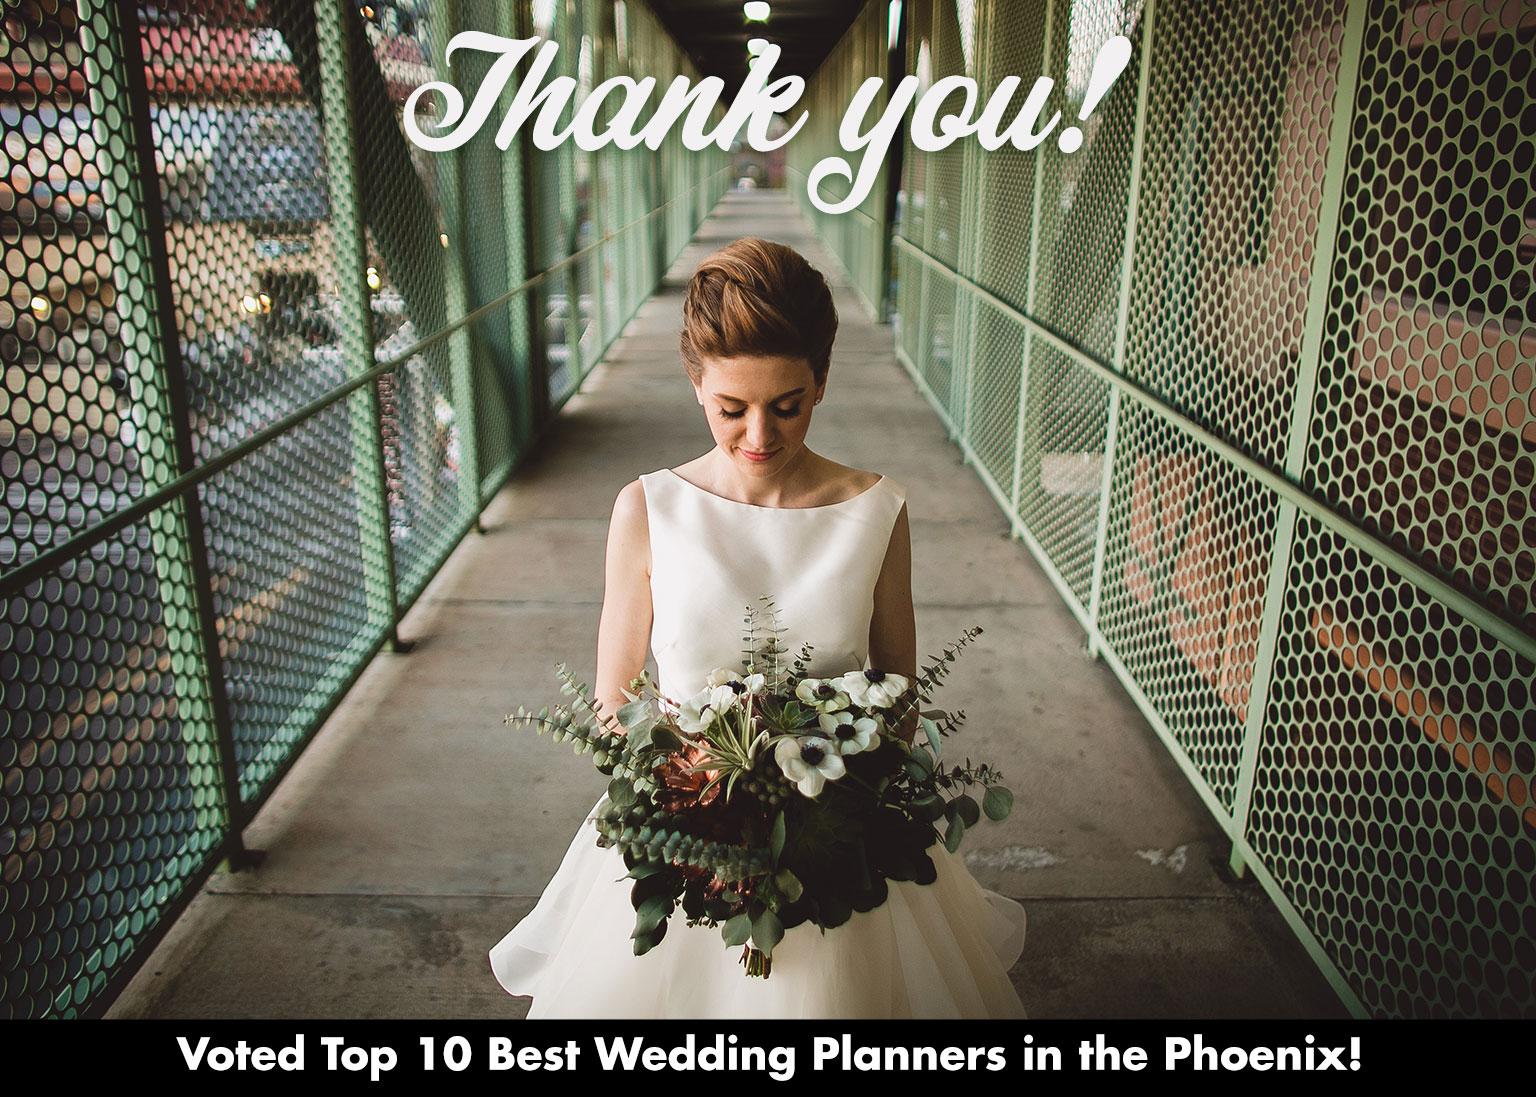 top-10-wedding-planners-in-phoenix-featured-01